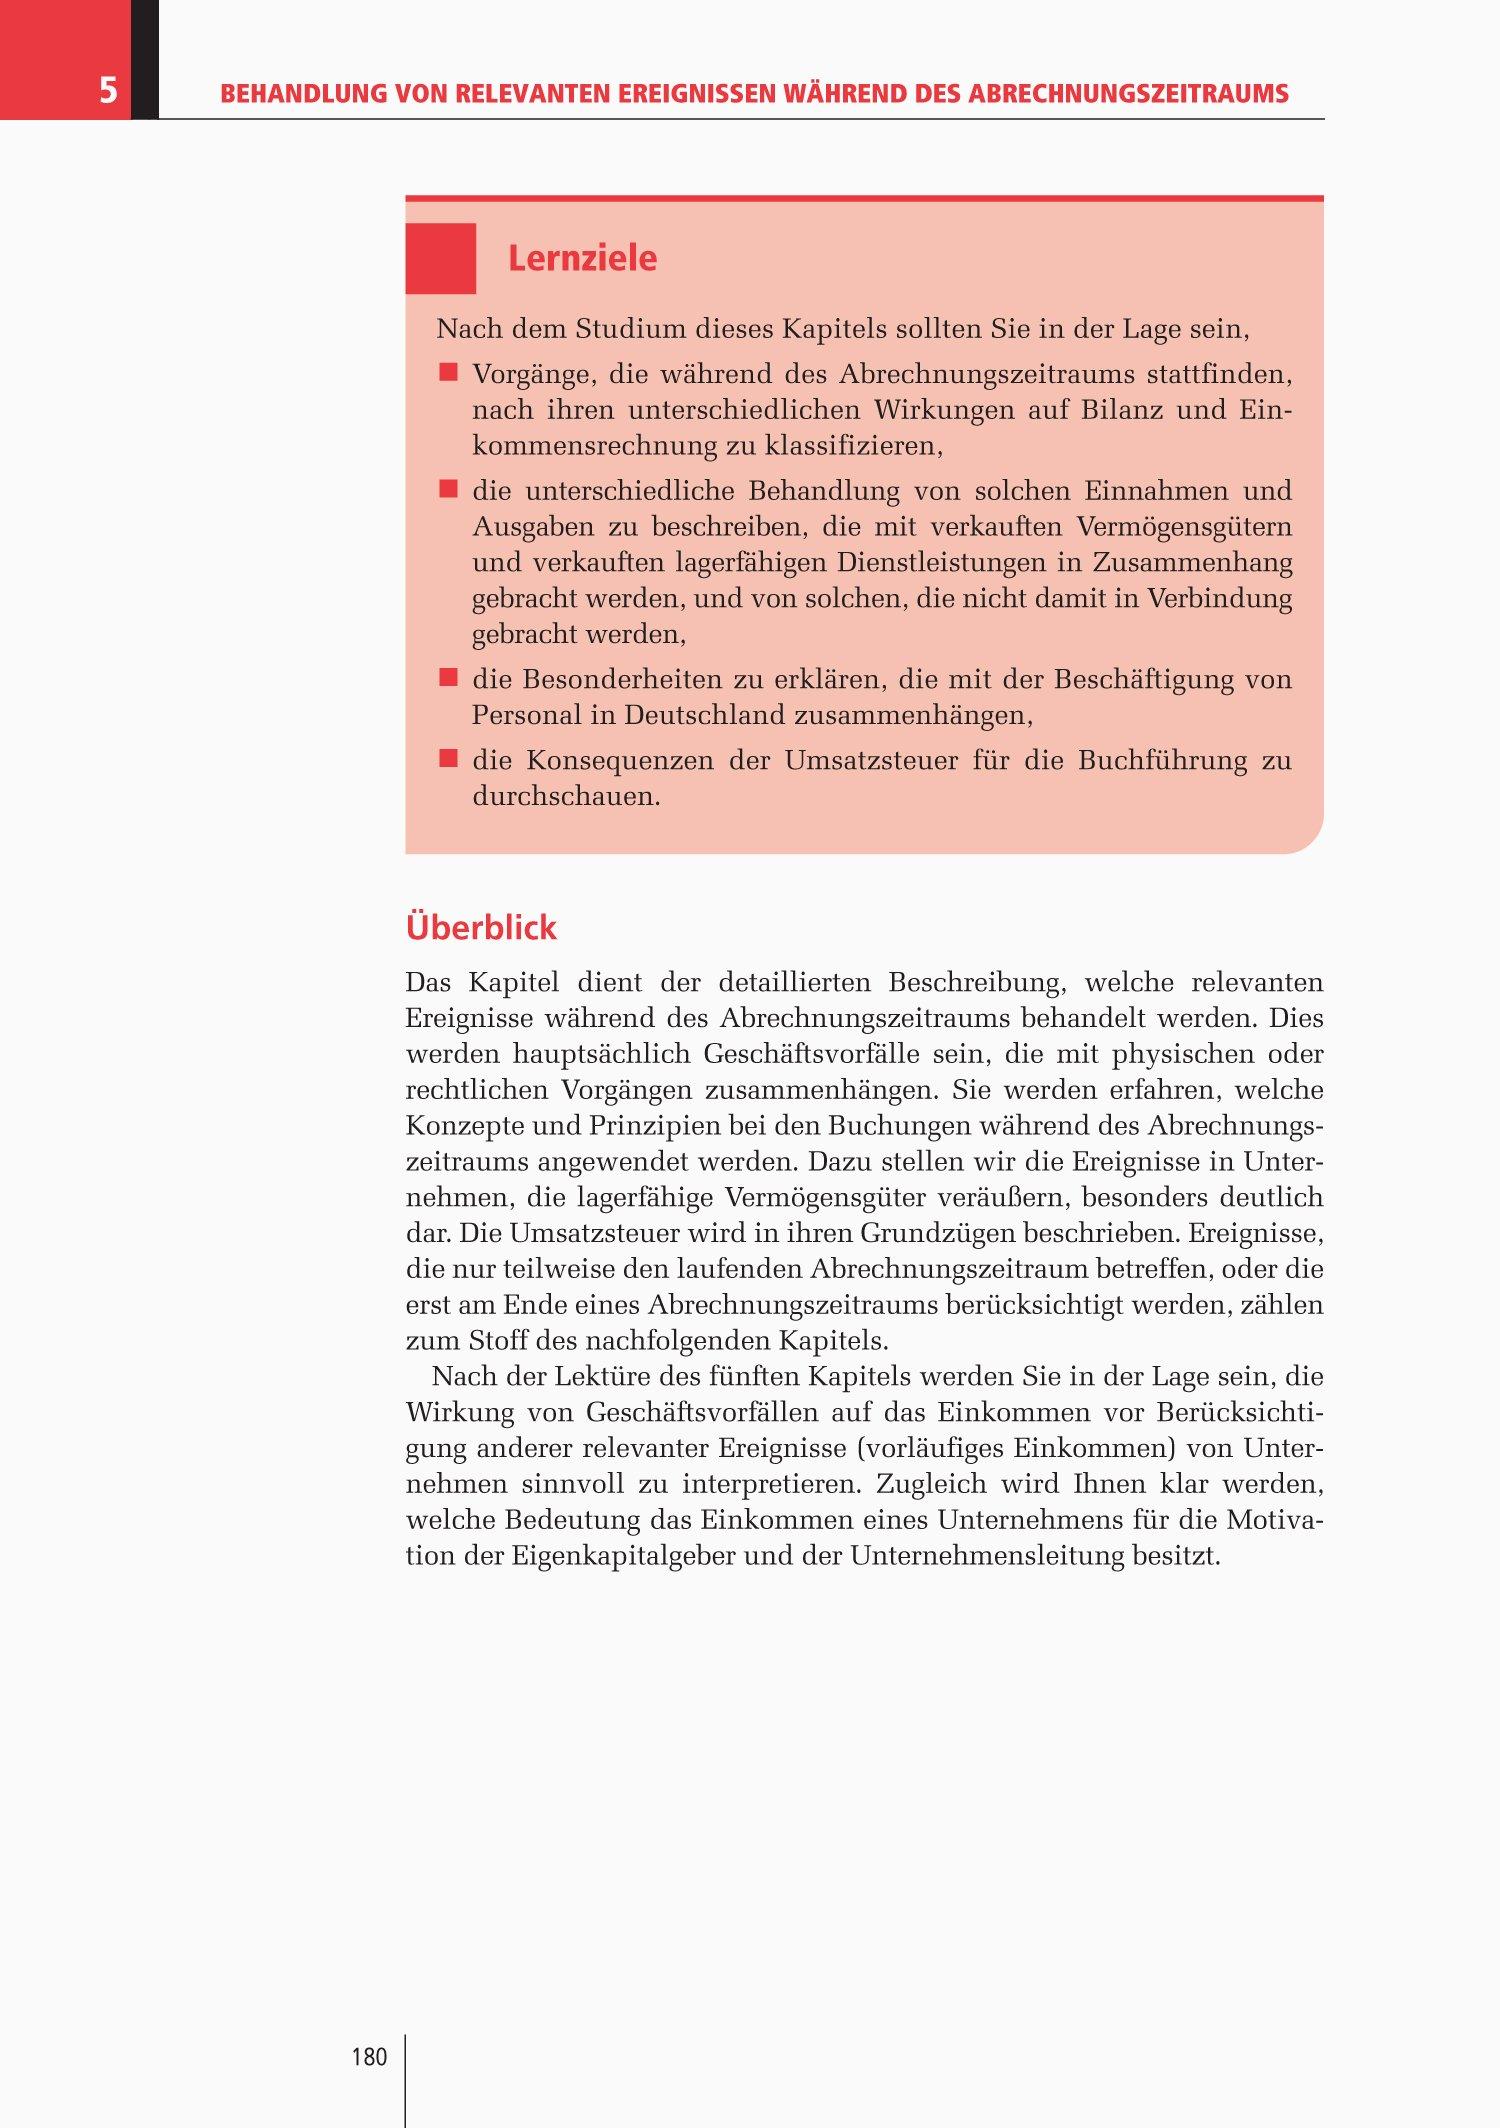 Charmant Taxonomie Klassifizierung Arbeitsblatt Fotos - Mathe ...